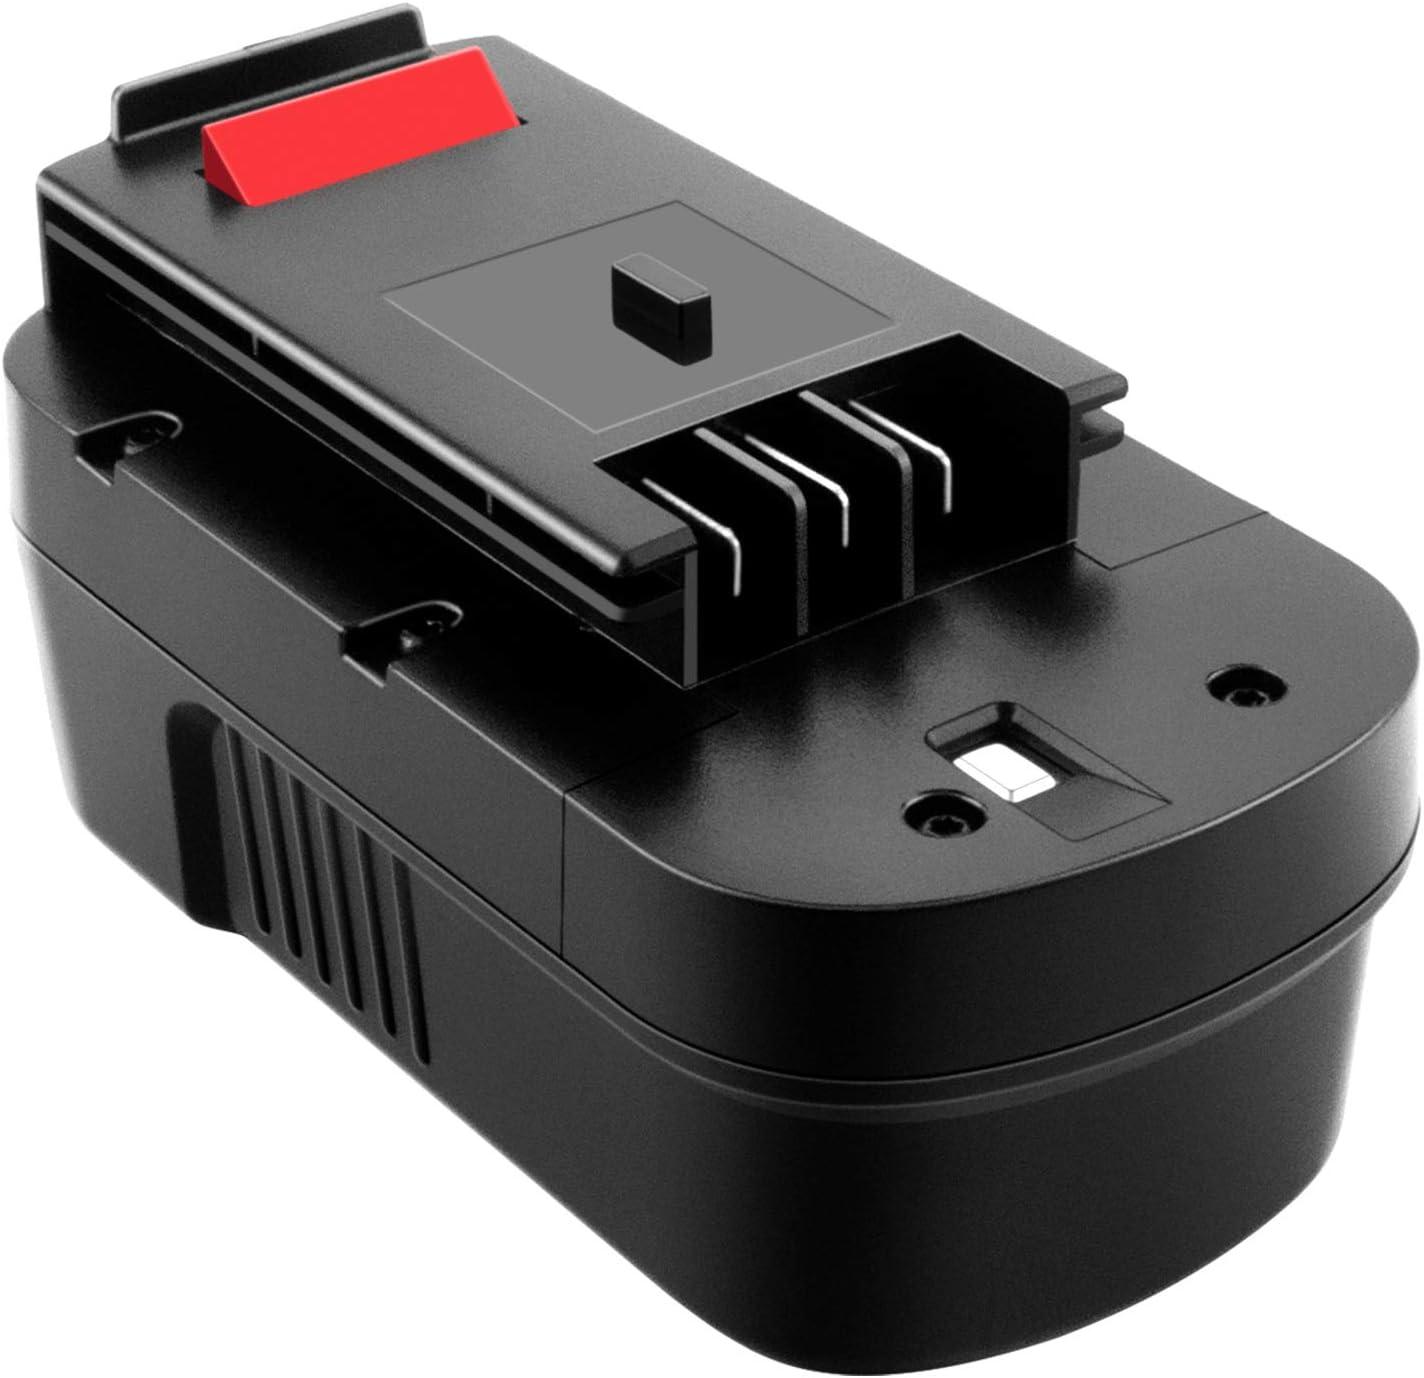 ADVTRONICS 18V 3,4Ah Ni-MH Batería para Black & Decker 244760-00 A1718 A18NH HPB18 HPB18-OPE A18 FS180BX FS18BX FS18FL FSB18 244760-00